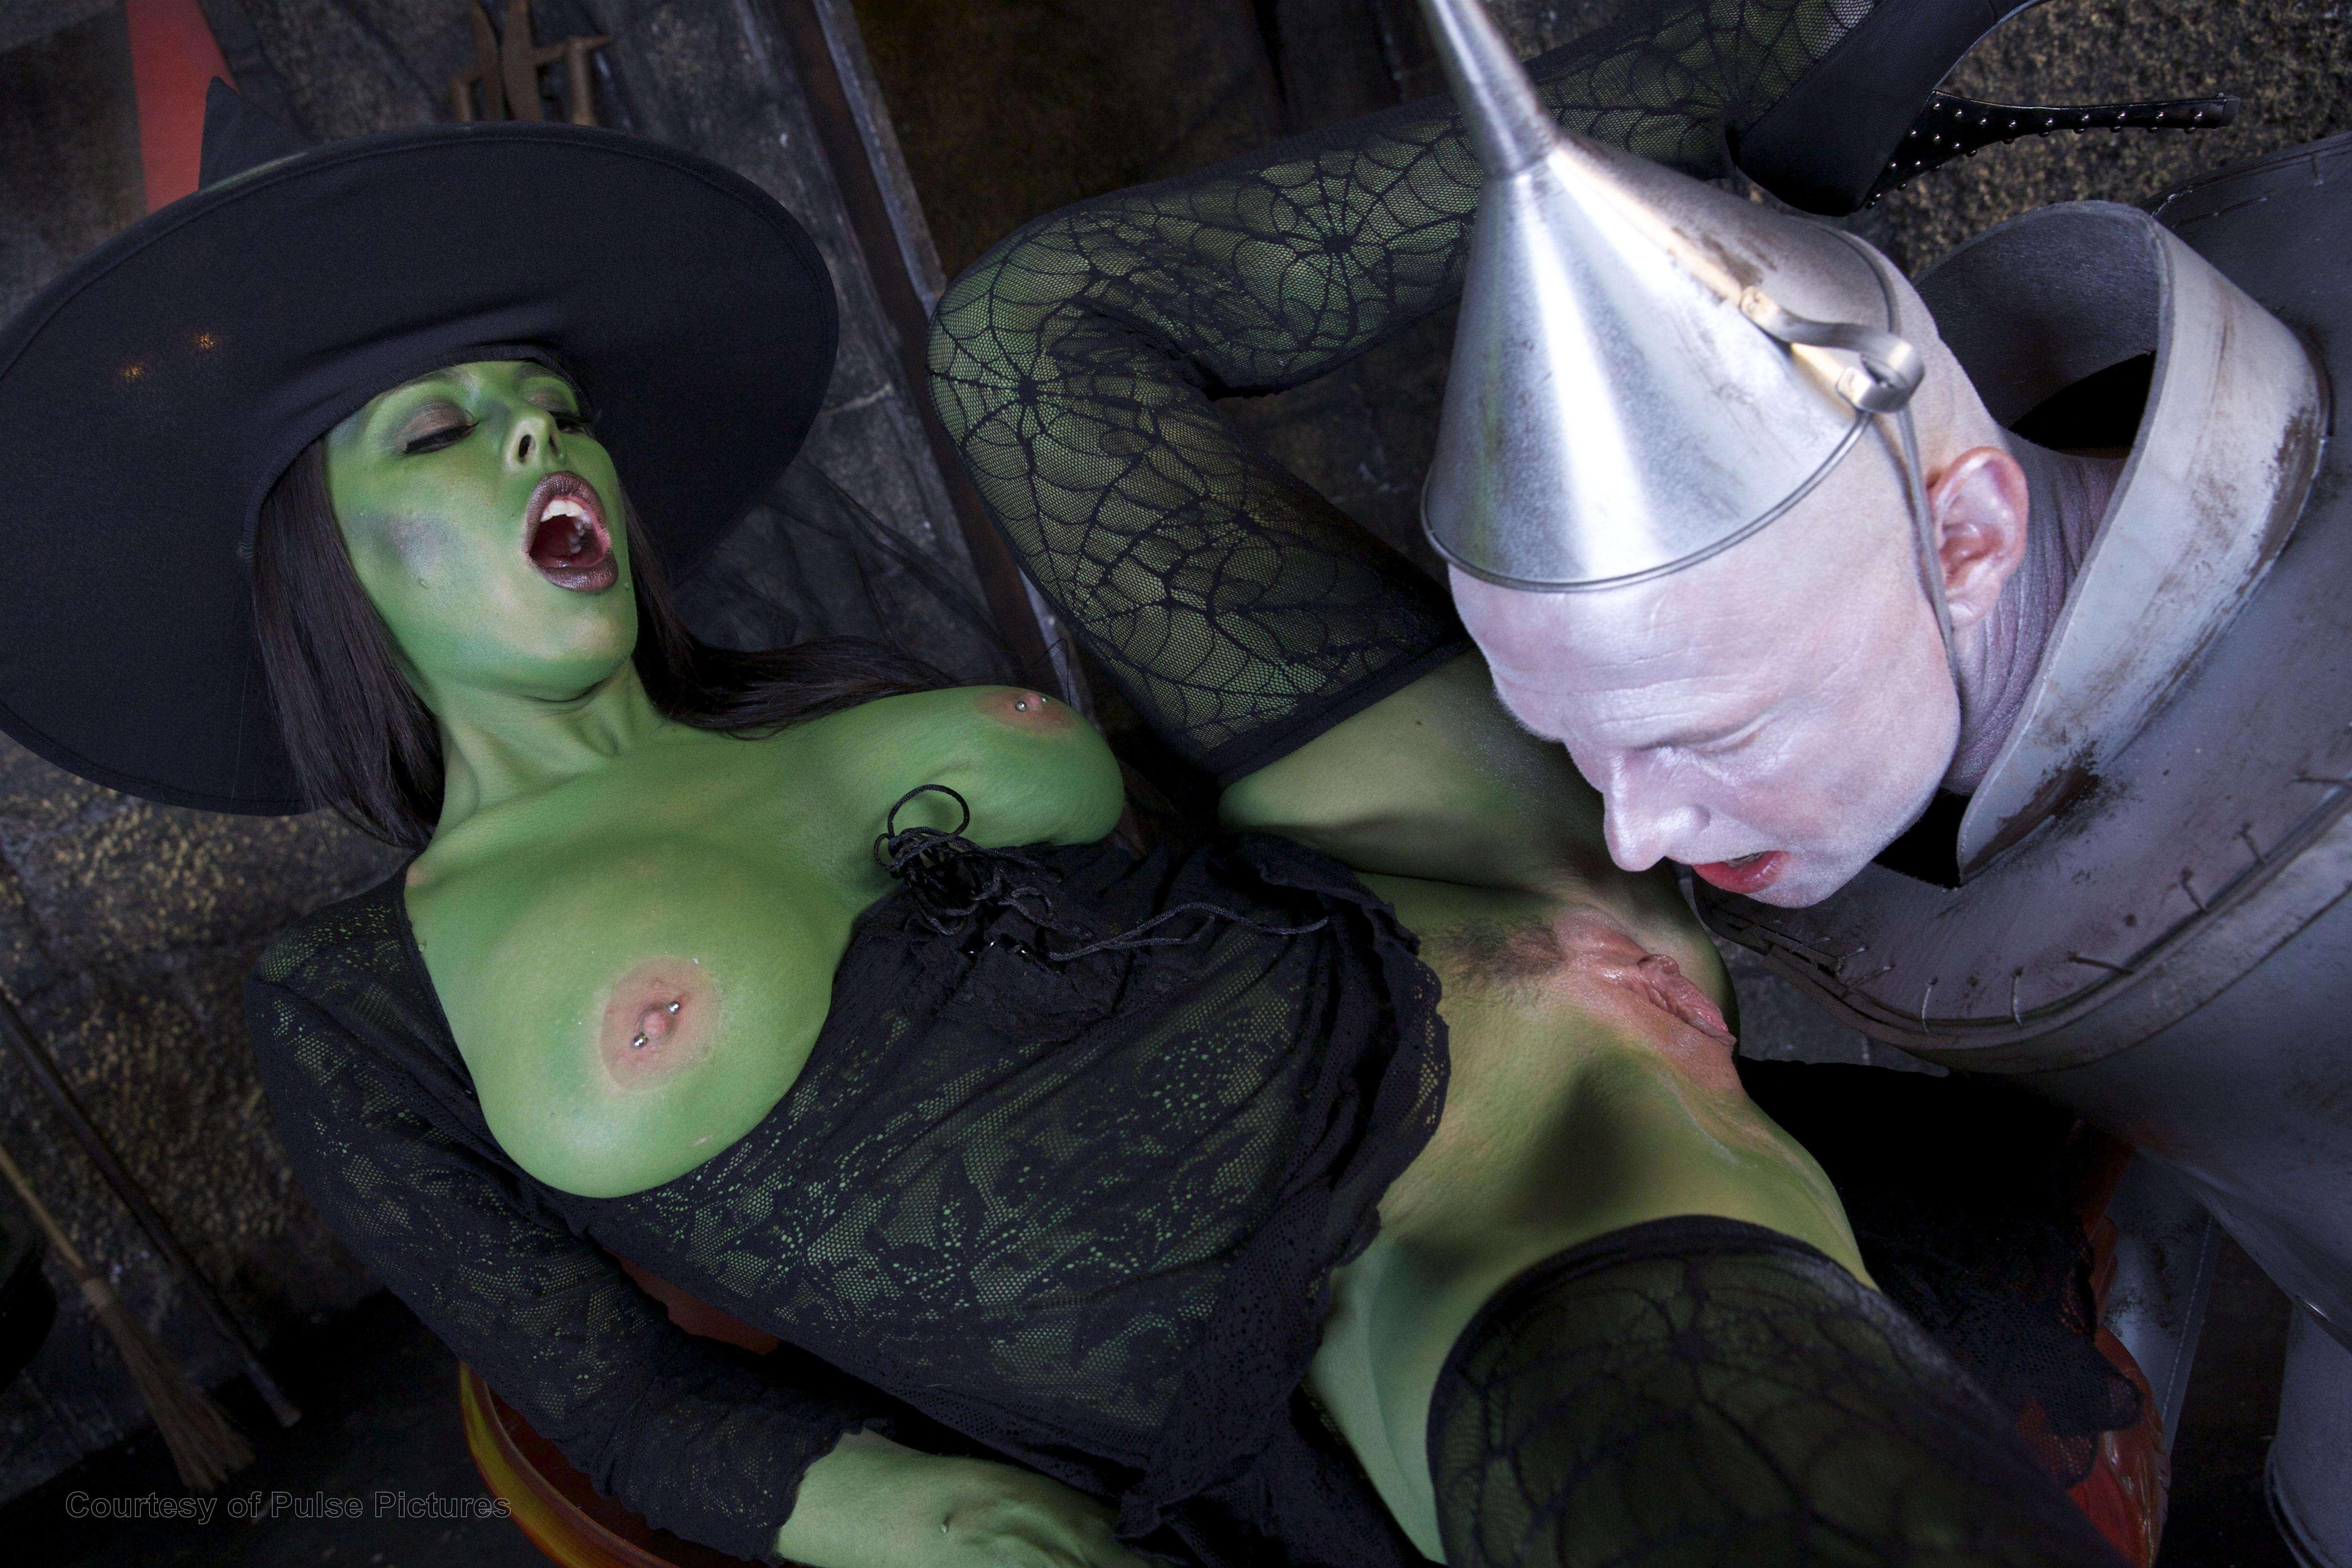 wizard of oz porn parody